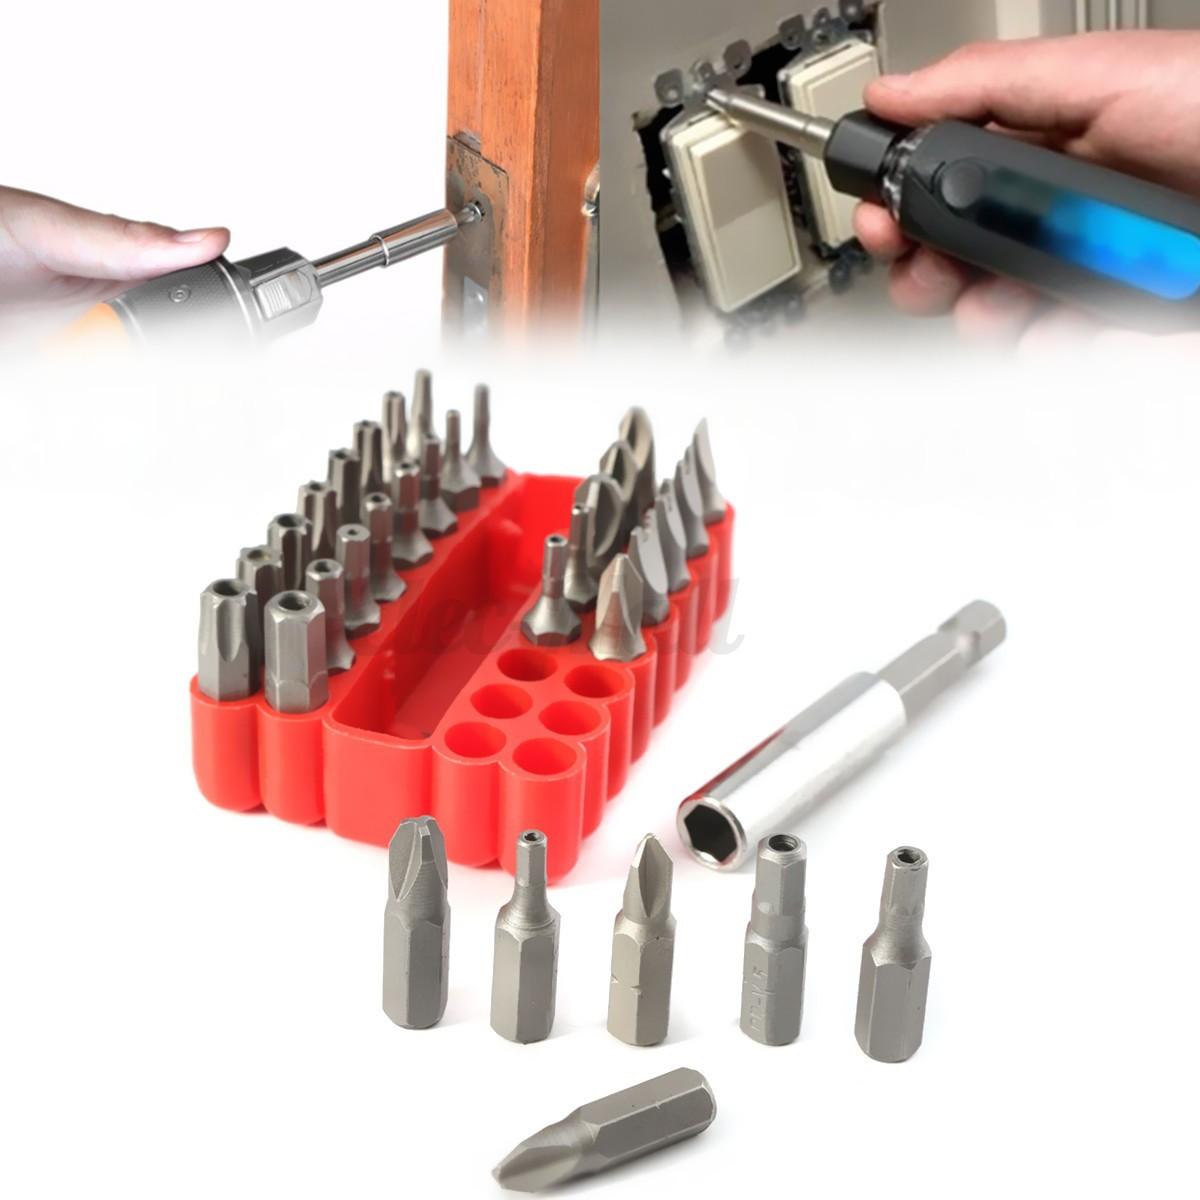 33x security star torx screwdriver bit tips set kit drill holder case hex key ebay. Black Bedroom Furniture Sets. Home Design Ideas